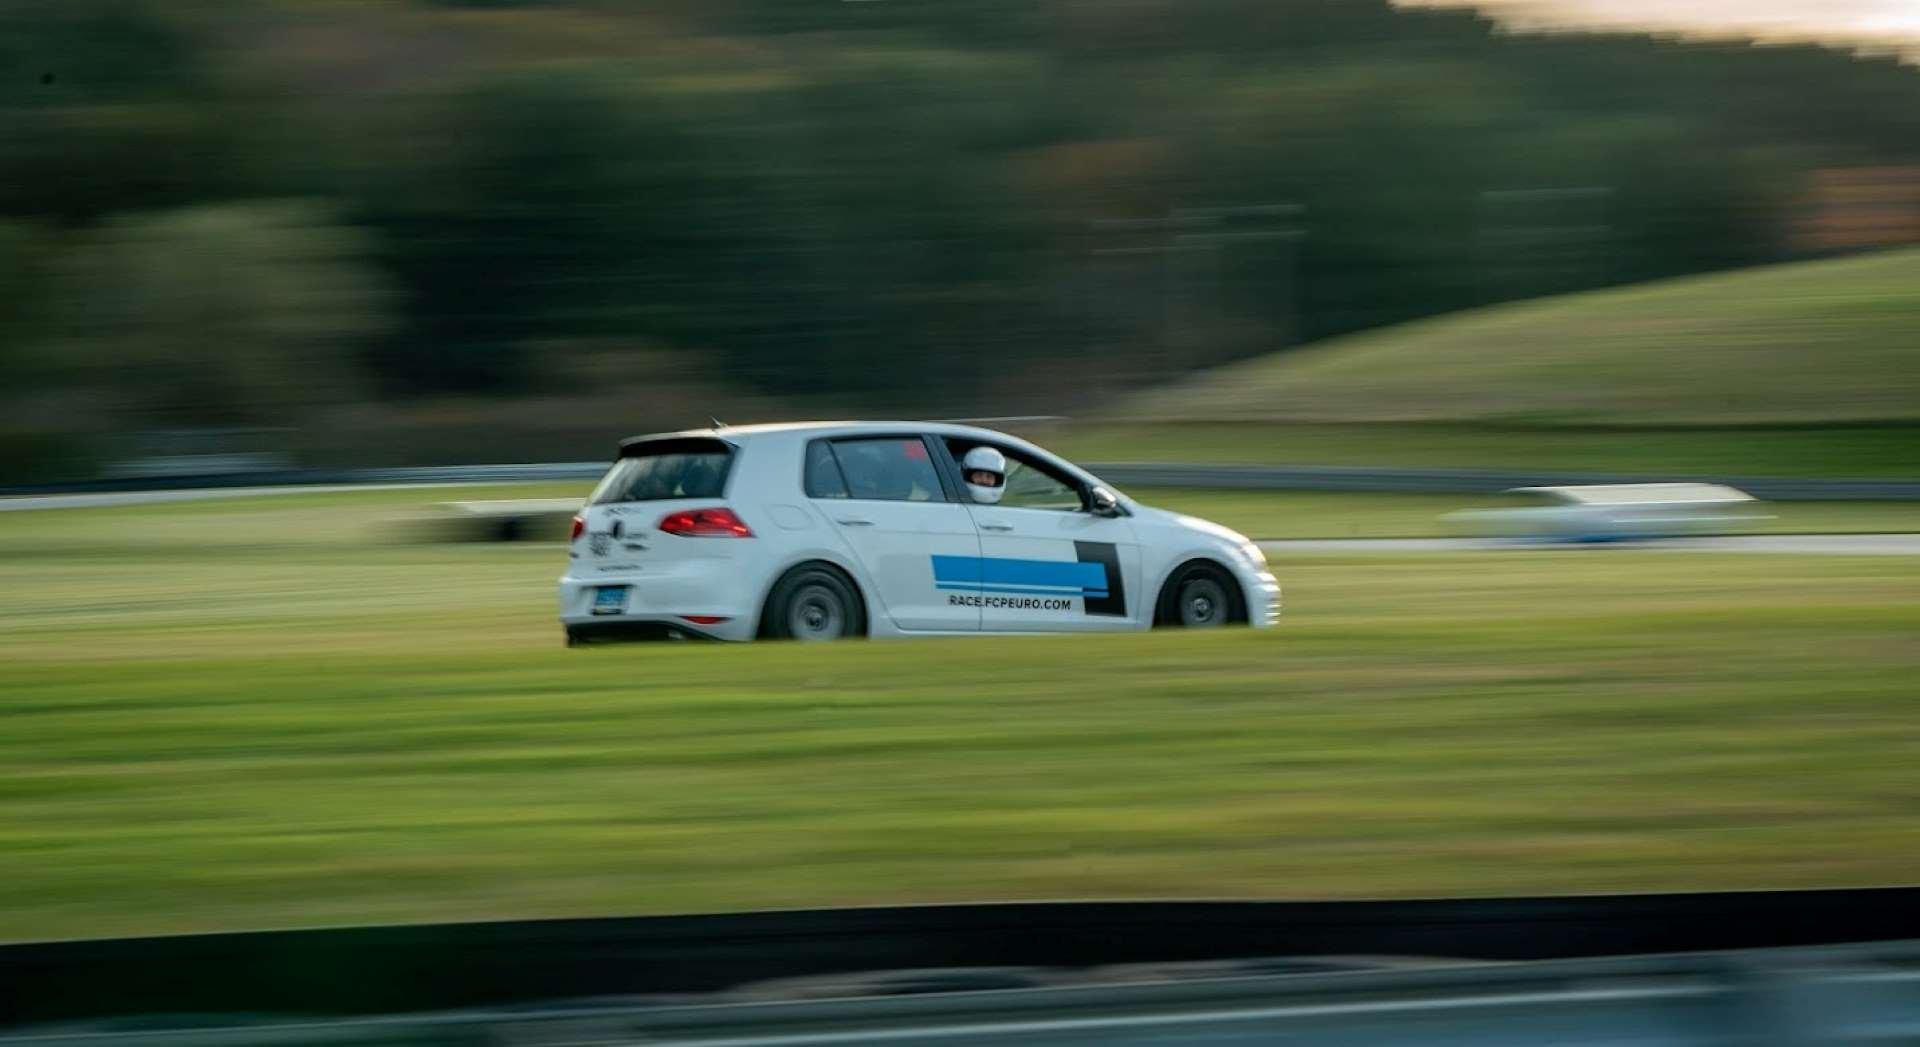 Best FWD Under $25k Volkswagen GTI Mk7 on track